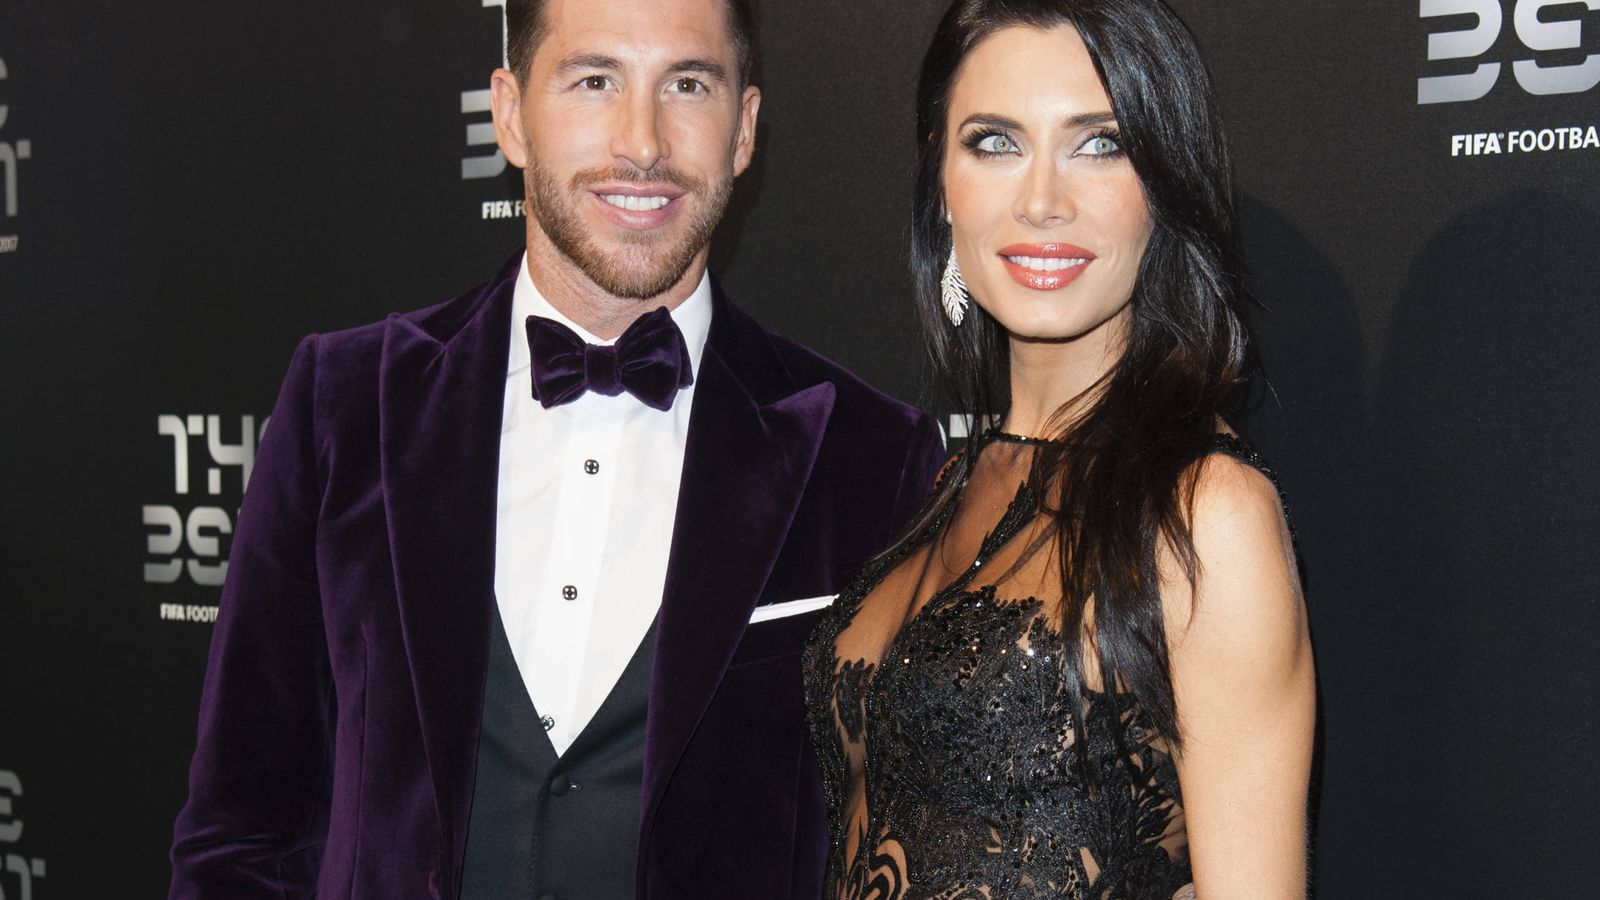 Foto: Pilar y Sergio, en una imagen en los Premios The Best. (Gtres)